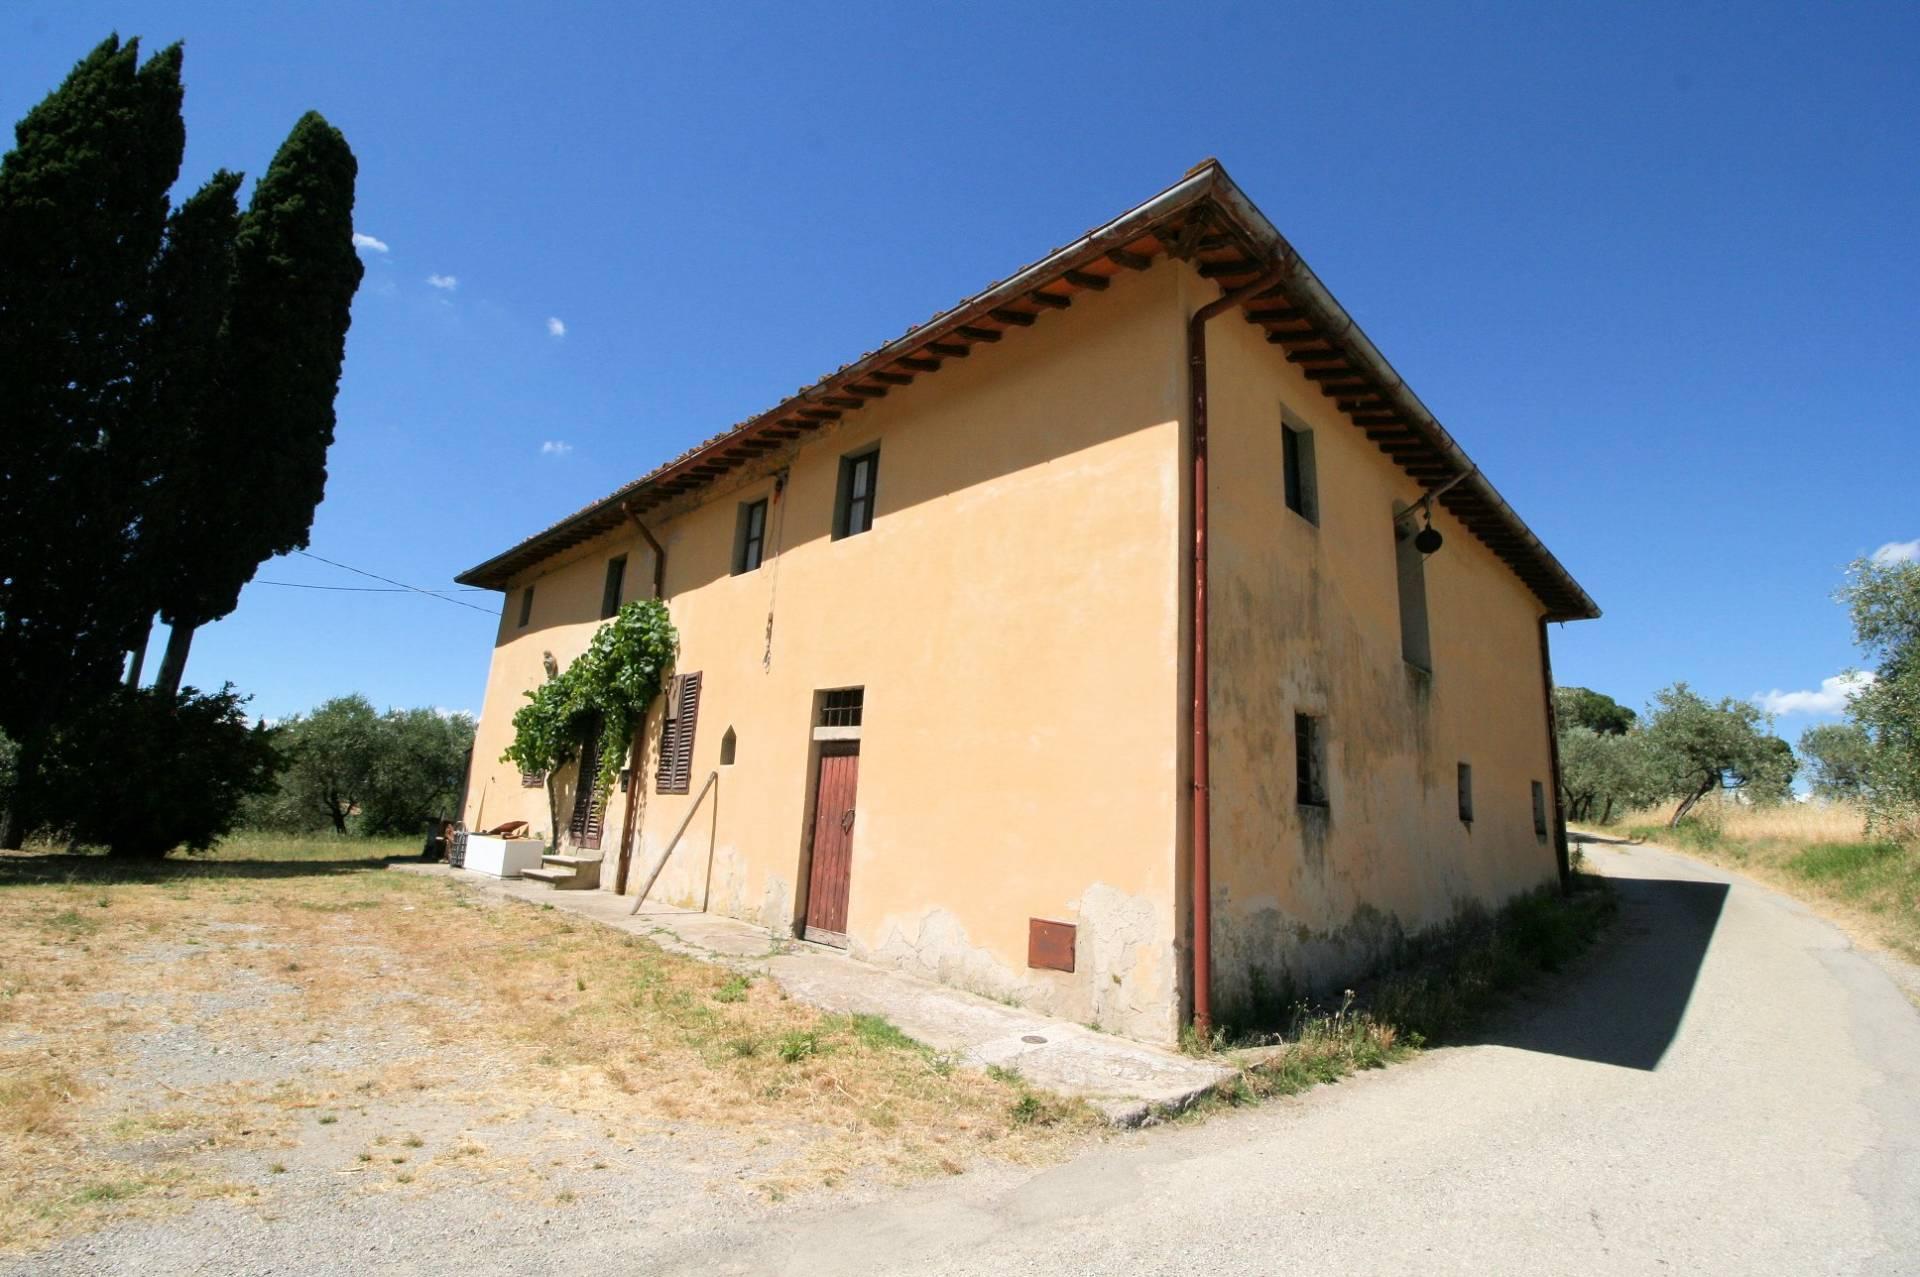 1269-Casa indipendente da ristrutturare con ampio uliveto-Quarrata-1 Agenzia Immobiliare ASIP